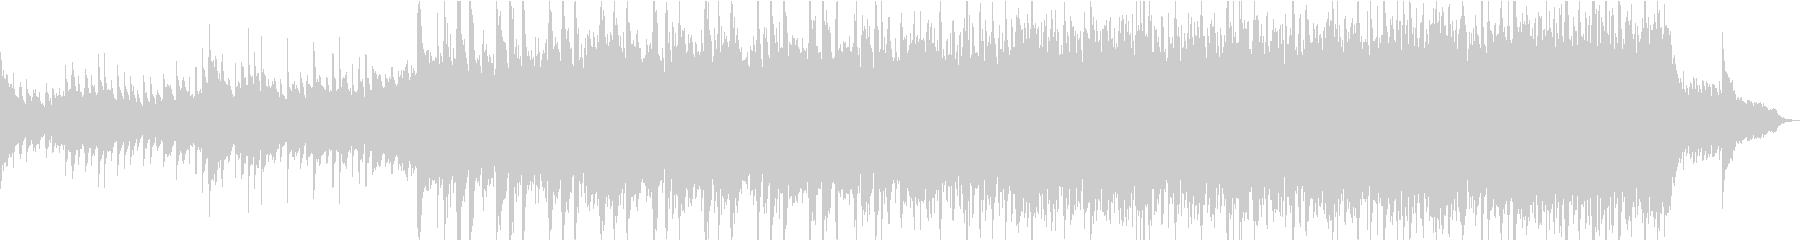 電気音響シンフォニー ファンタジー...の未再生の波形